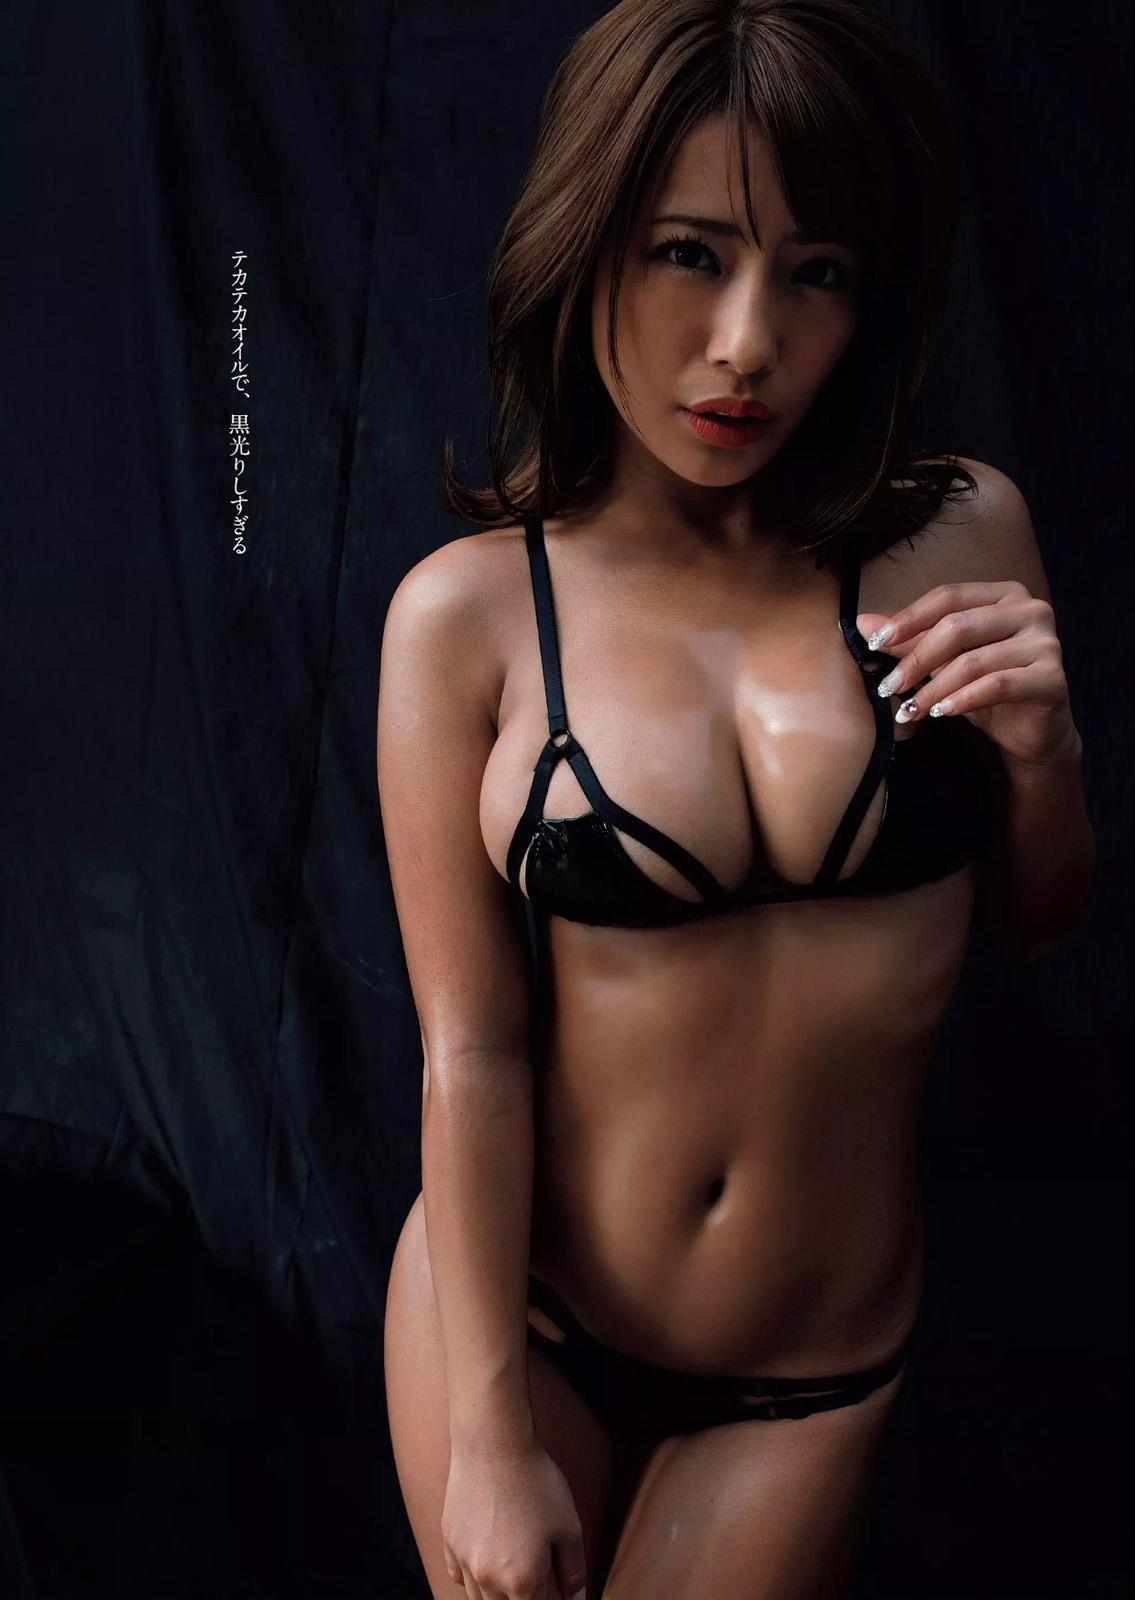 Gカップの張りがスゴイ上日本一黒いグラドルとして活躍する橋本梨菜が最高すぎると思うのは俺だけか(*´▽`*)ww×49P 表紙